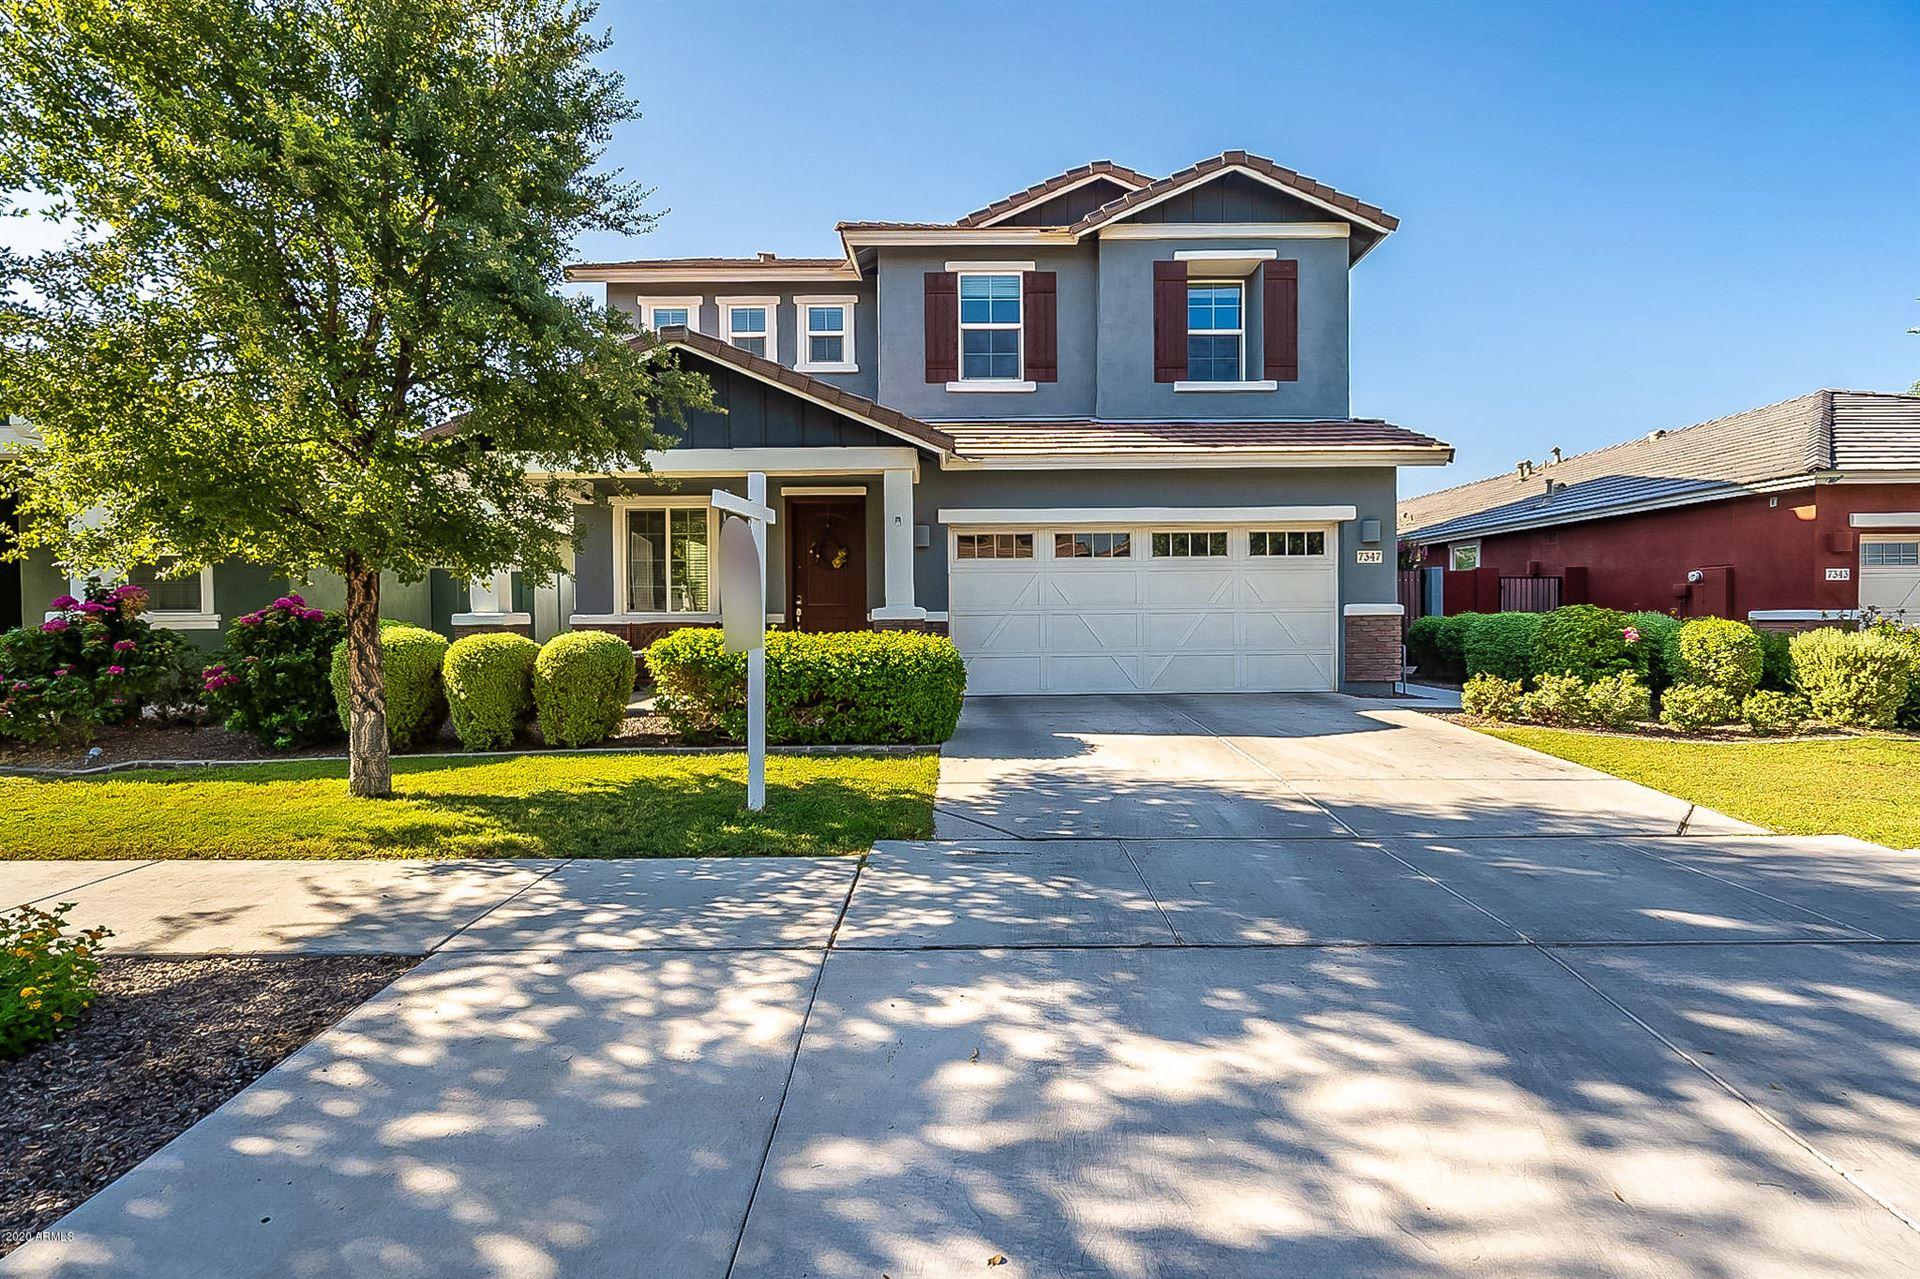 7347 E OSAGE Avenue, Mesa, AZ 85212 - MLS#: 6129539